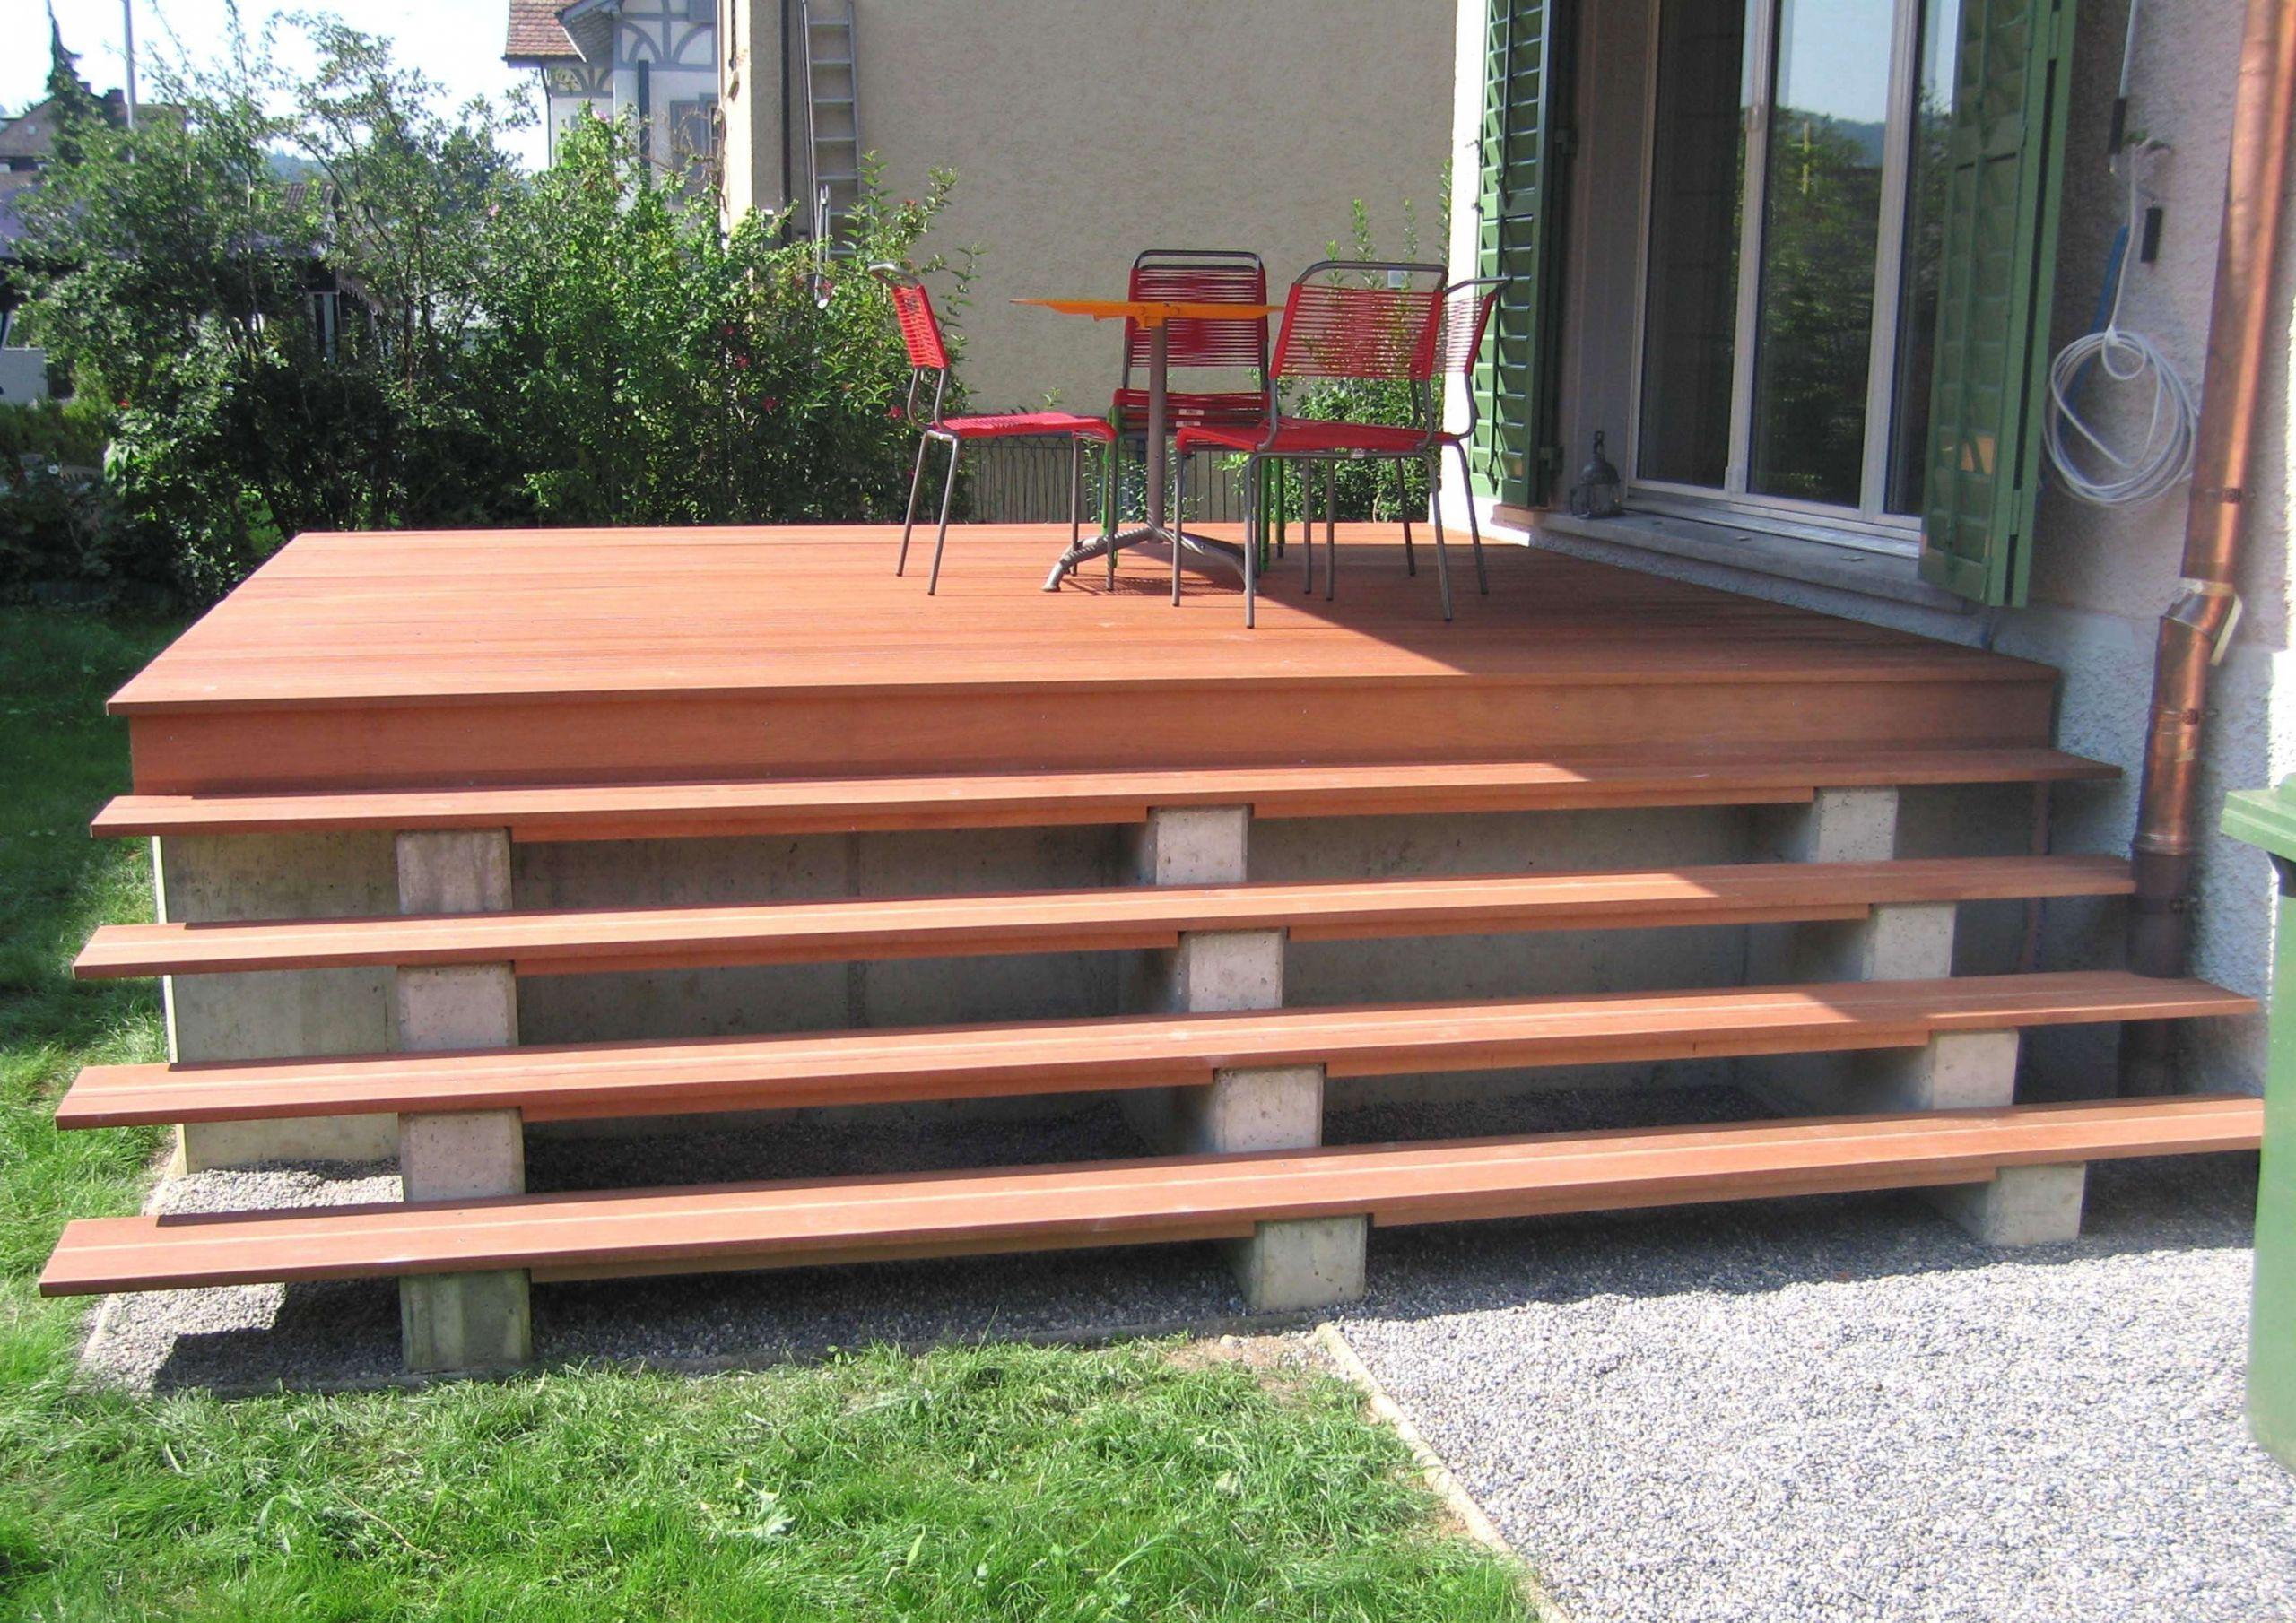 Balkongeländer Deko Genial Garderobenständer Holz Selber Bauen — Temobardz Home Blog